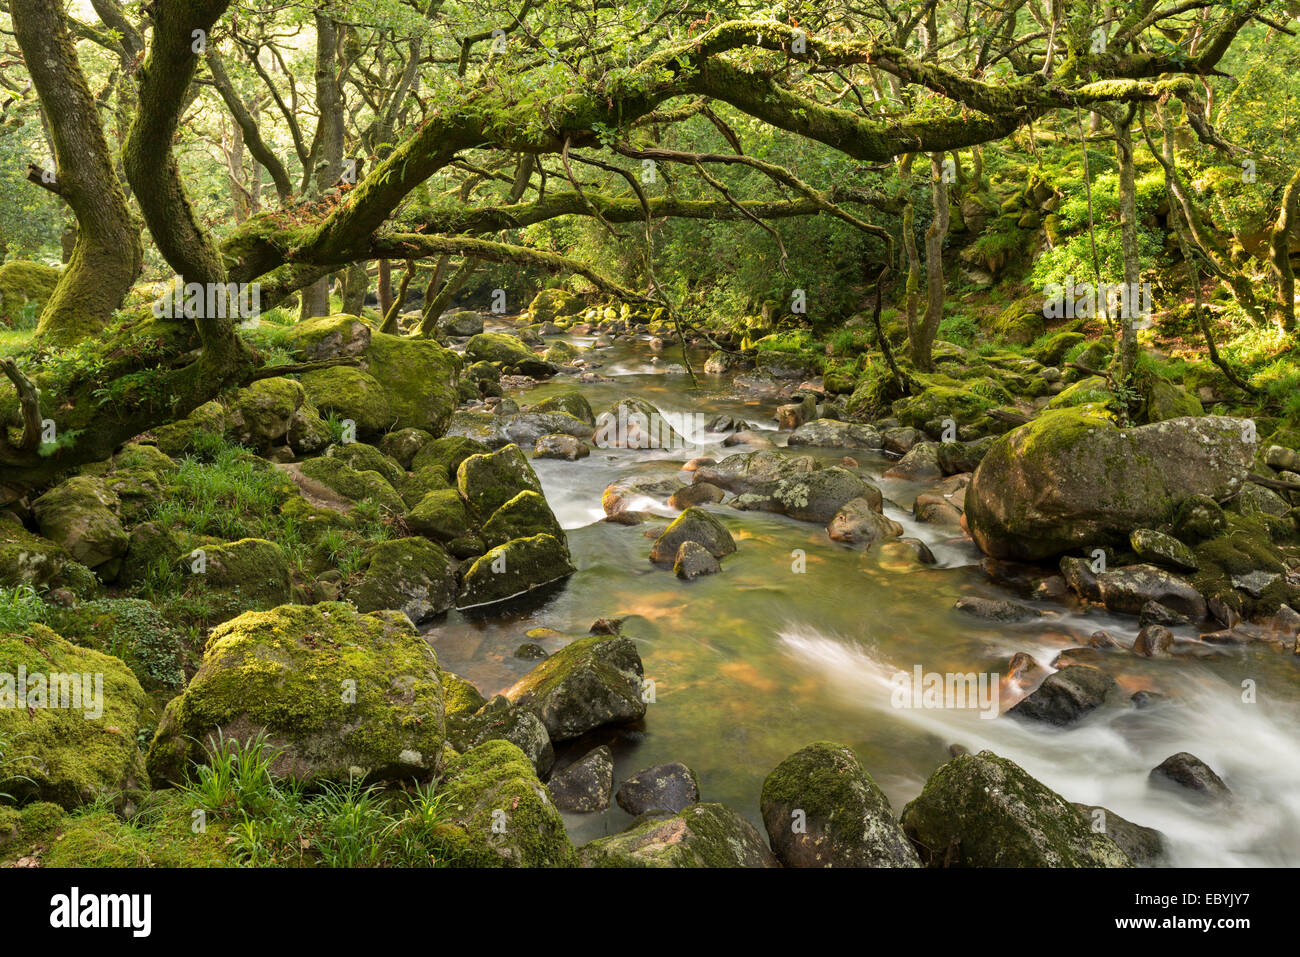 Rocky River Dewerstone Plym fluyendo a través de madera, Dartmoor, Devon, Inglaterra. Verano (Junio) de 2014. Imagen De Stock